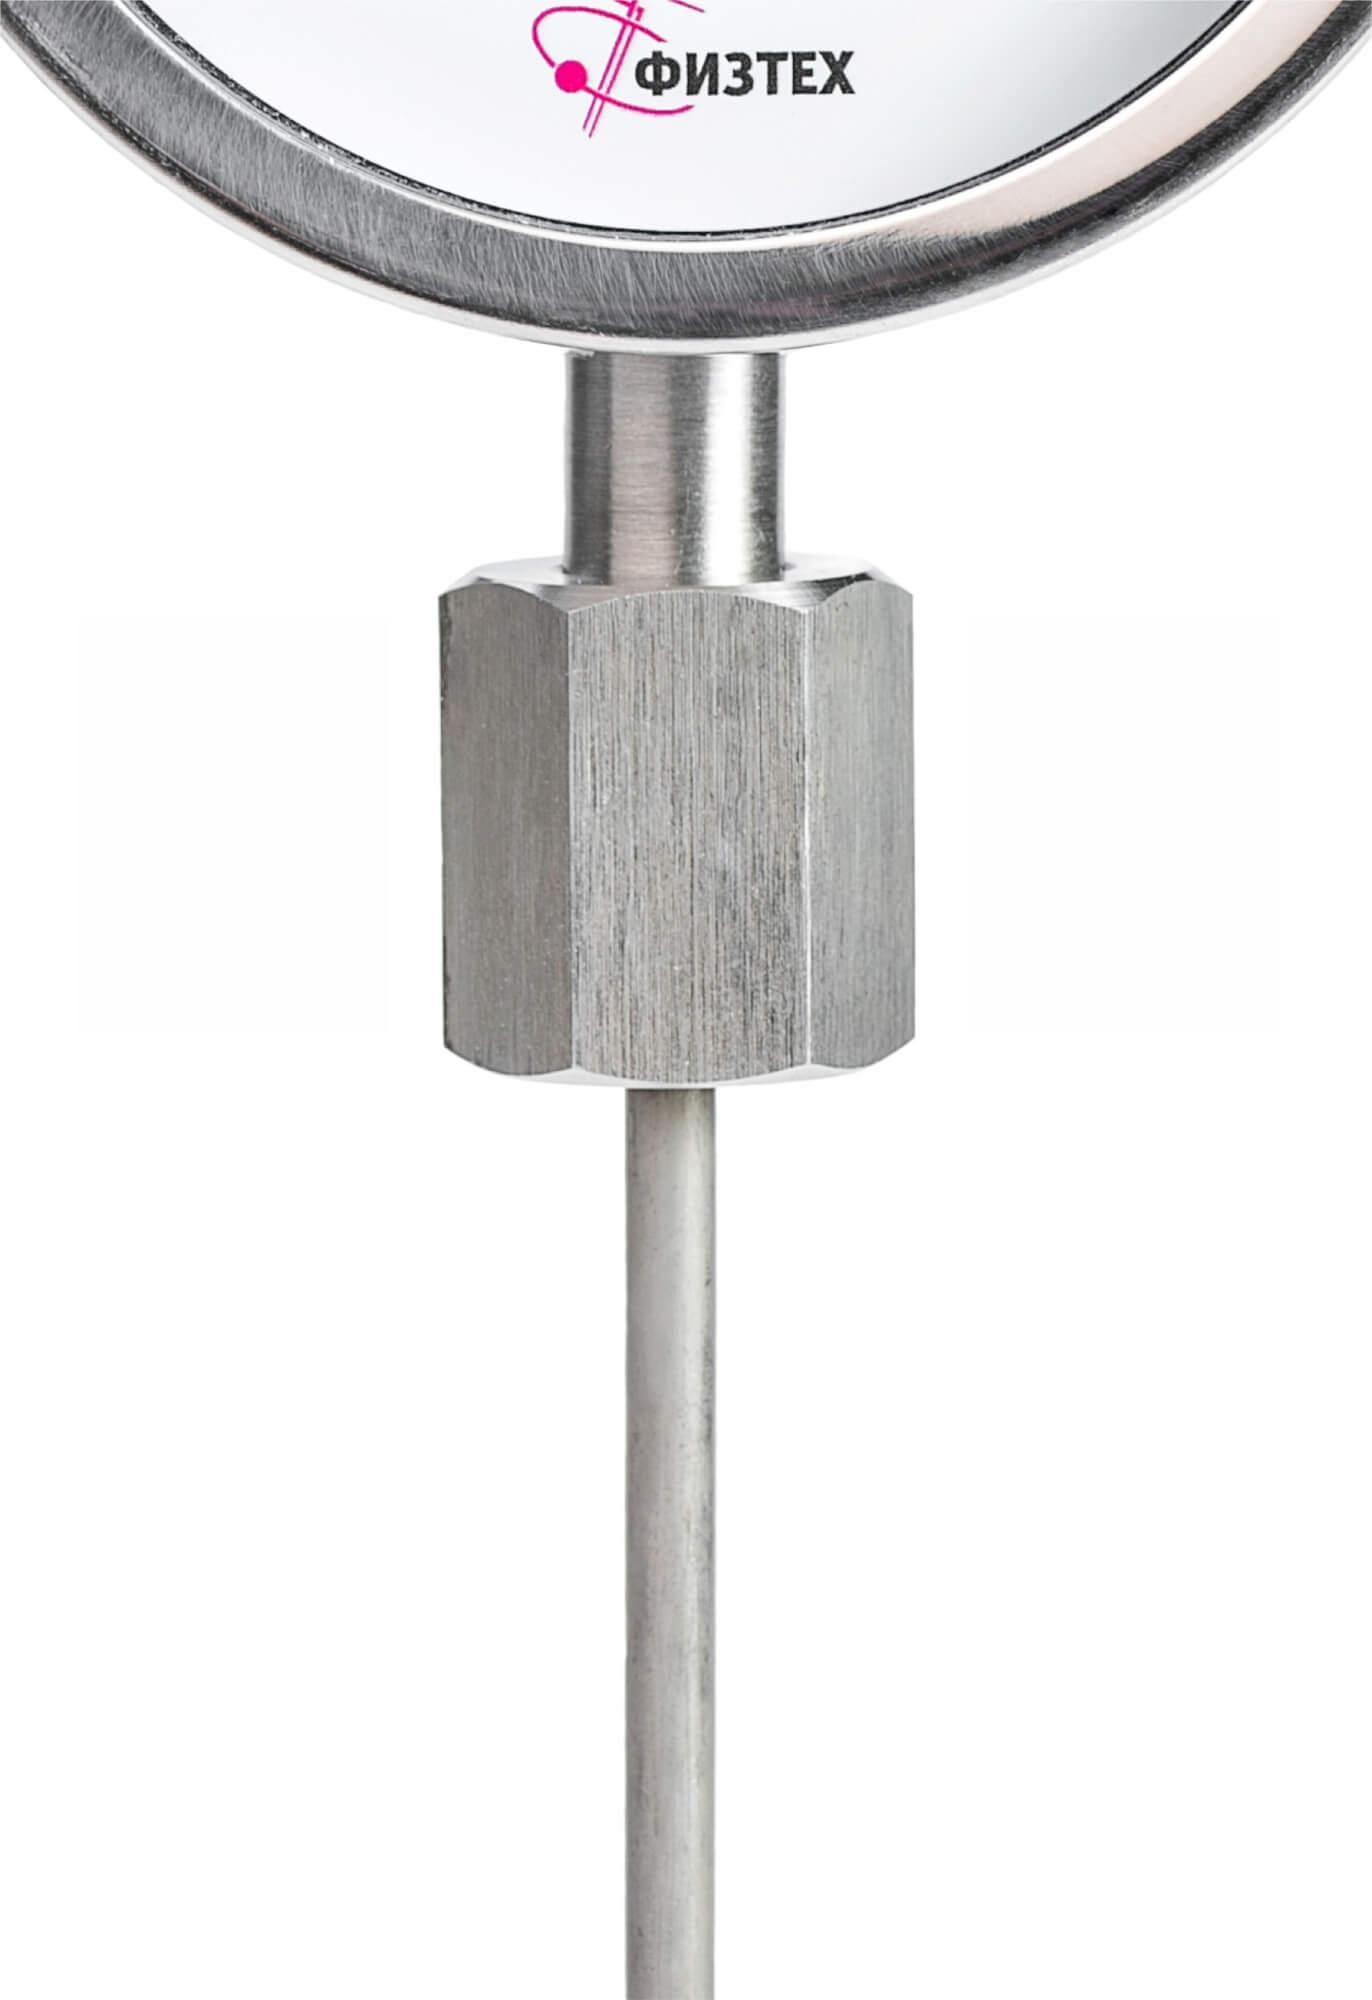 Термометры биметаллические коррозионностойкие Тбф-225 с возможностью гидрозаполнения